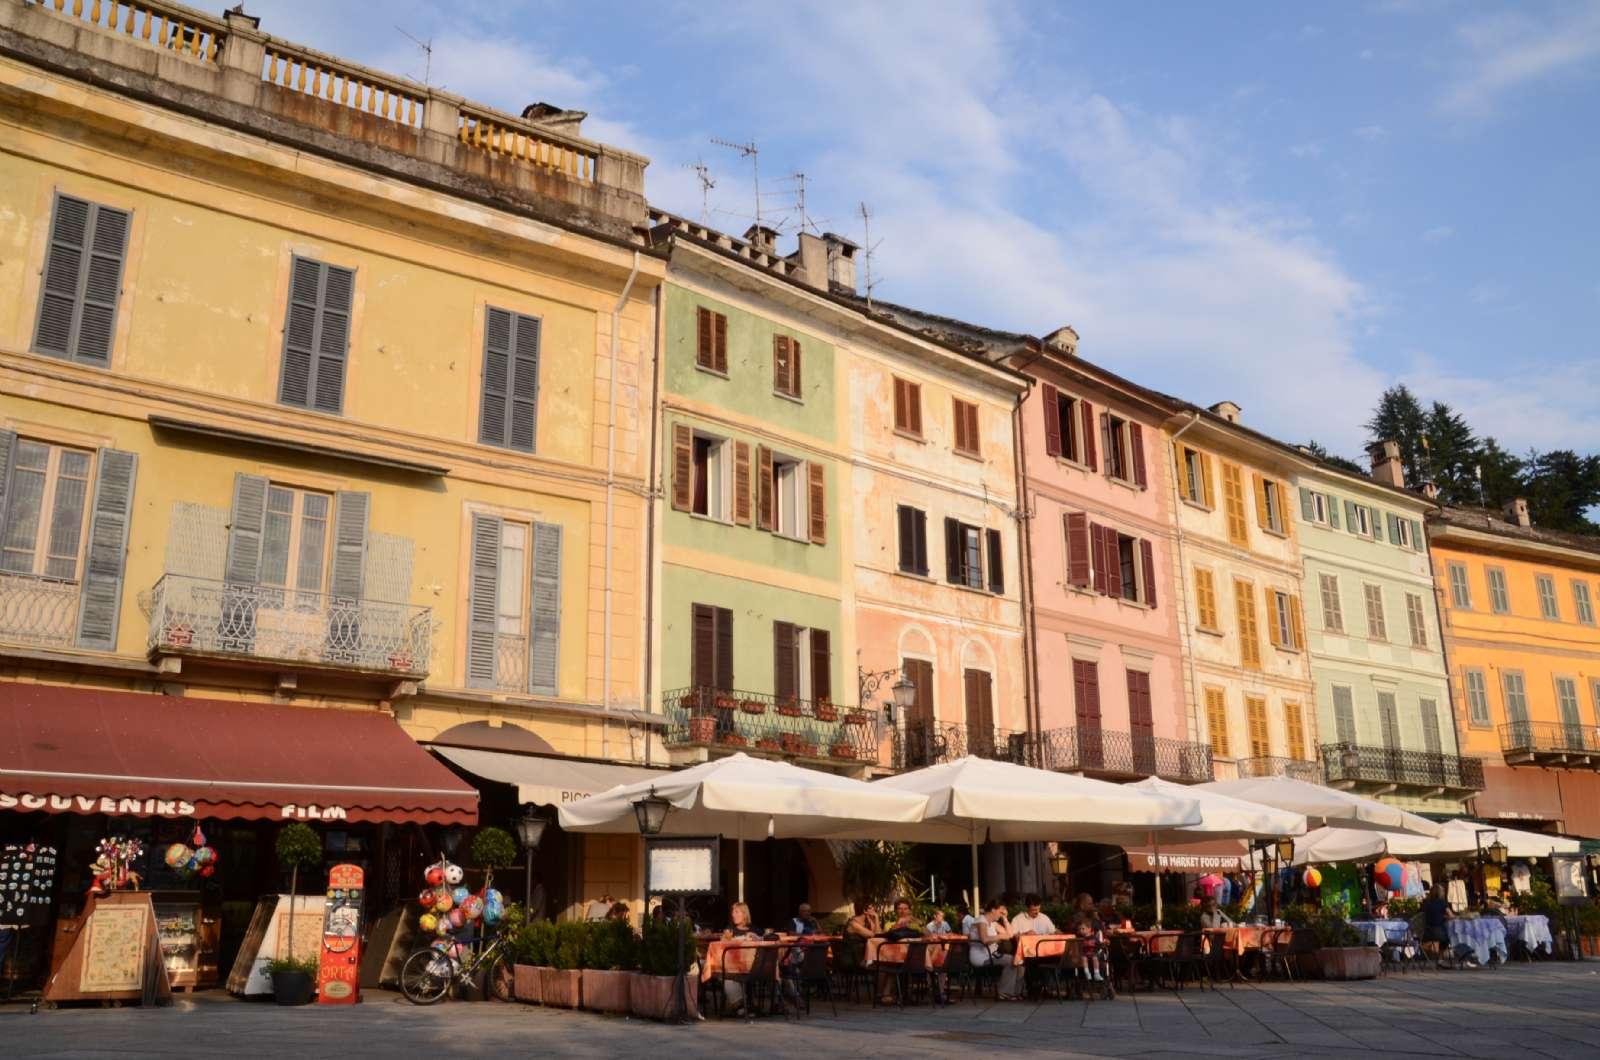 Piazza Motta mit ihren Straßencafés, Restaurants und verschiedene Geschäfte